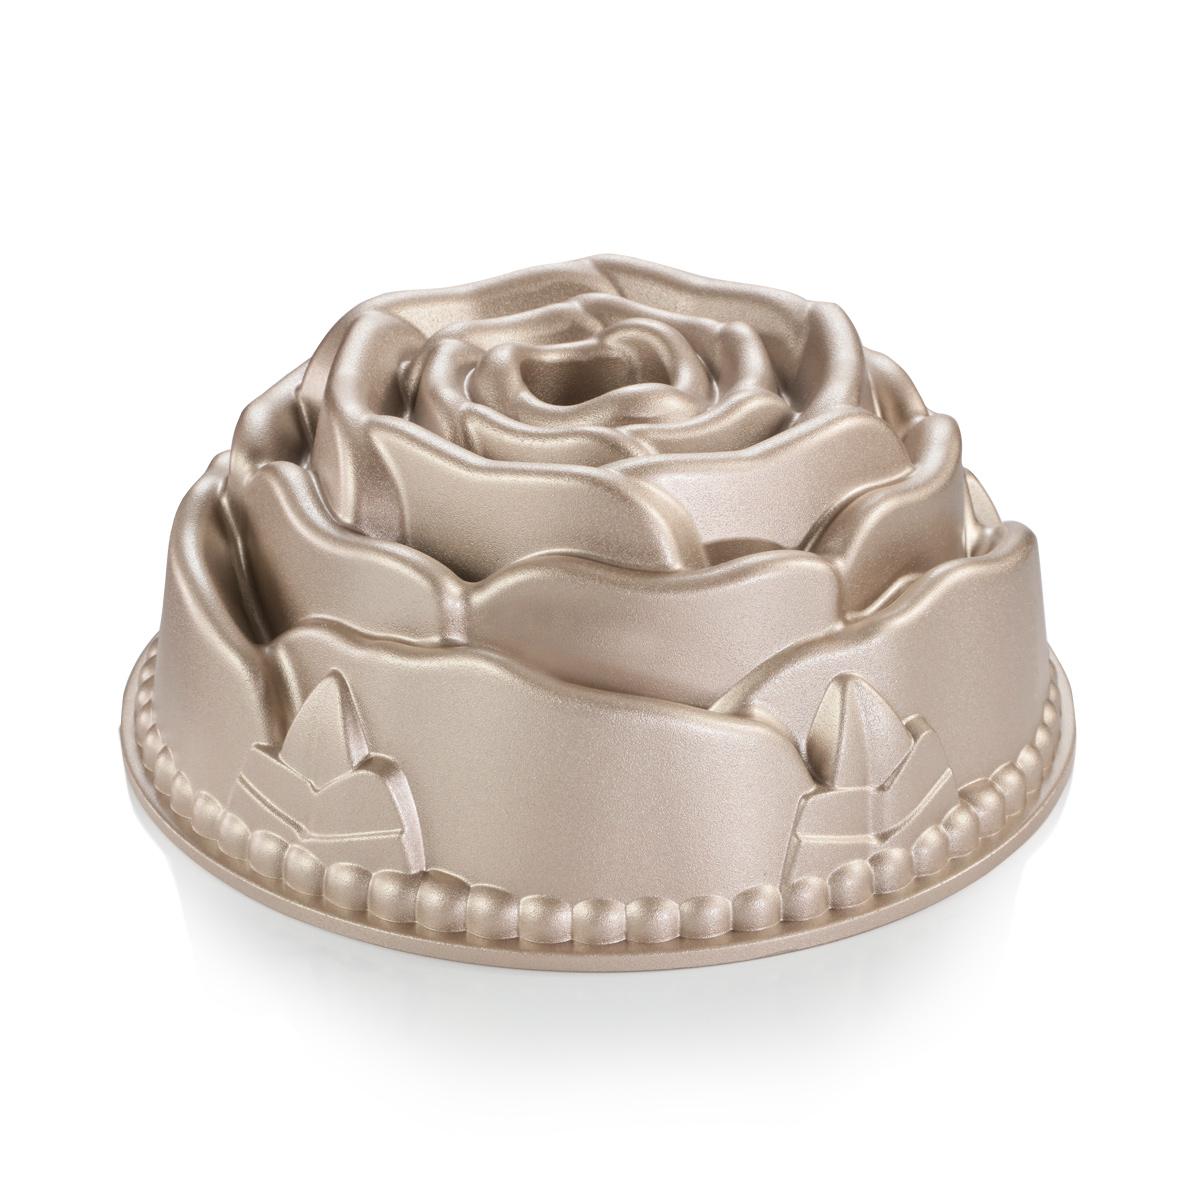 Forma bábovka vysoká DELÍCIA ø 24 cm, růže